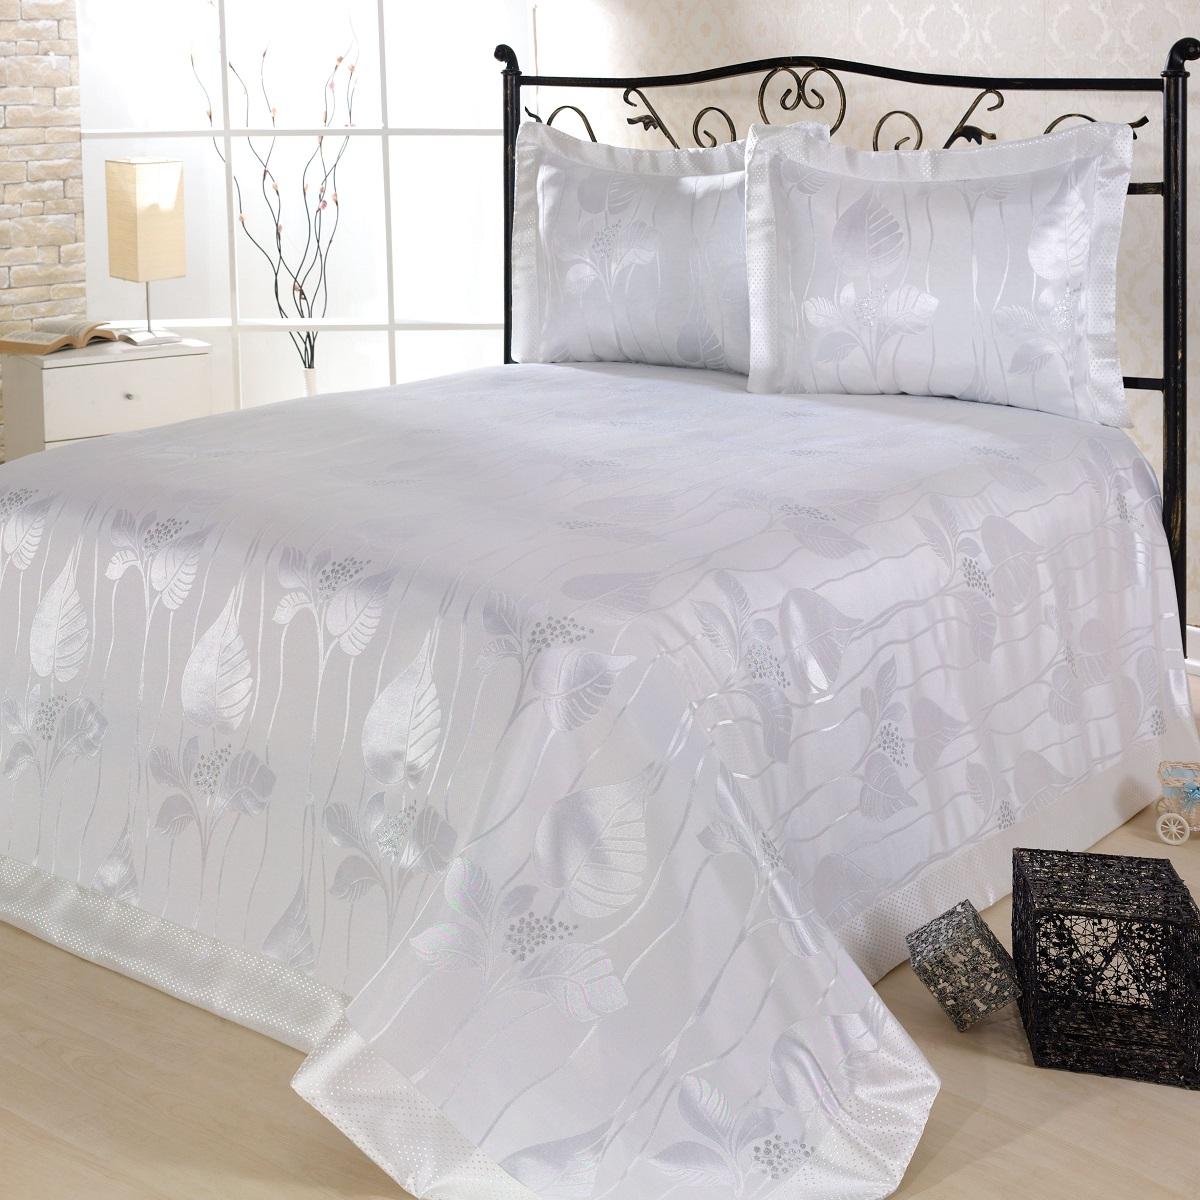 Комплект для спальни Nazsu Yaprak: покрывало 240 х 260 см, 2 наволочки 50 х 70 см, цвет: белыйES-412Изысканный комплект для спальни Nazsu Yaprak состоит из покрывала и двух наволочек. Изделия выполнены из высококачественного полиэстера (50%) и хлопка (50%), легкие, прочные и износостойкие. Ткань блестящая, что придает ей больше роскоши. Комплект Nazsu - это отличный способ придать спальне уют и комфорт, а также позволит по-королевски украсить интерьер. Размер покрывала: 240 х 260 см.Размер наволочки: 50 х 70 см.